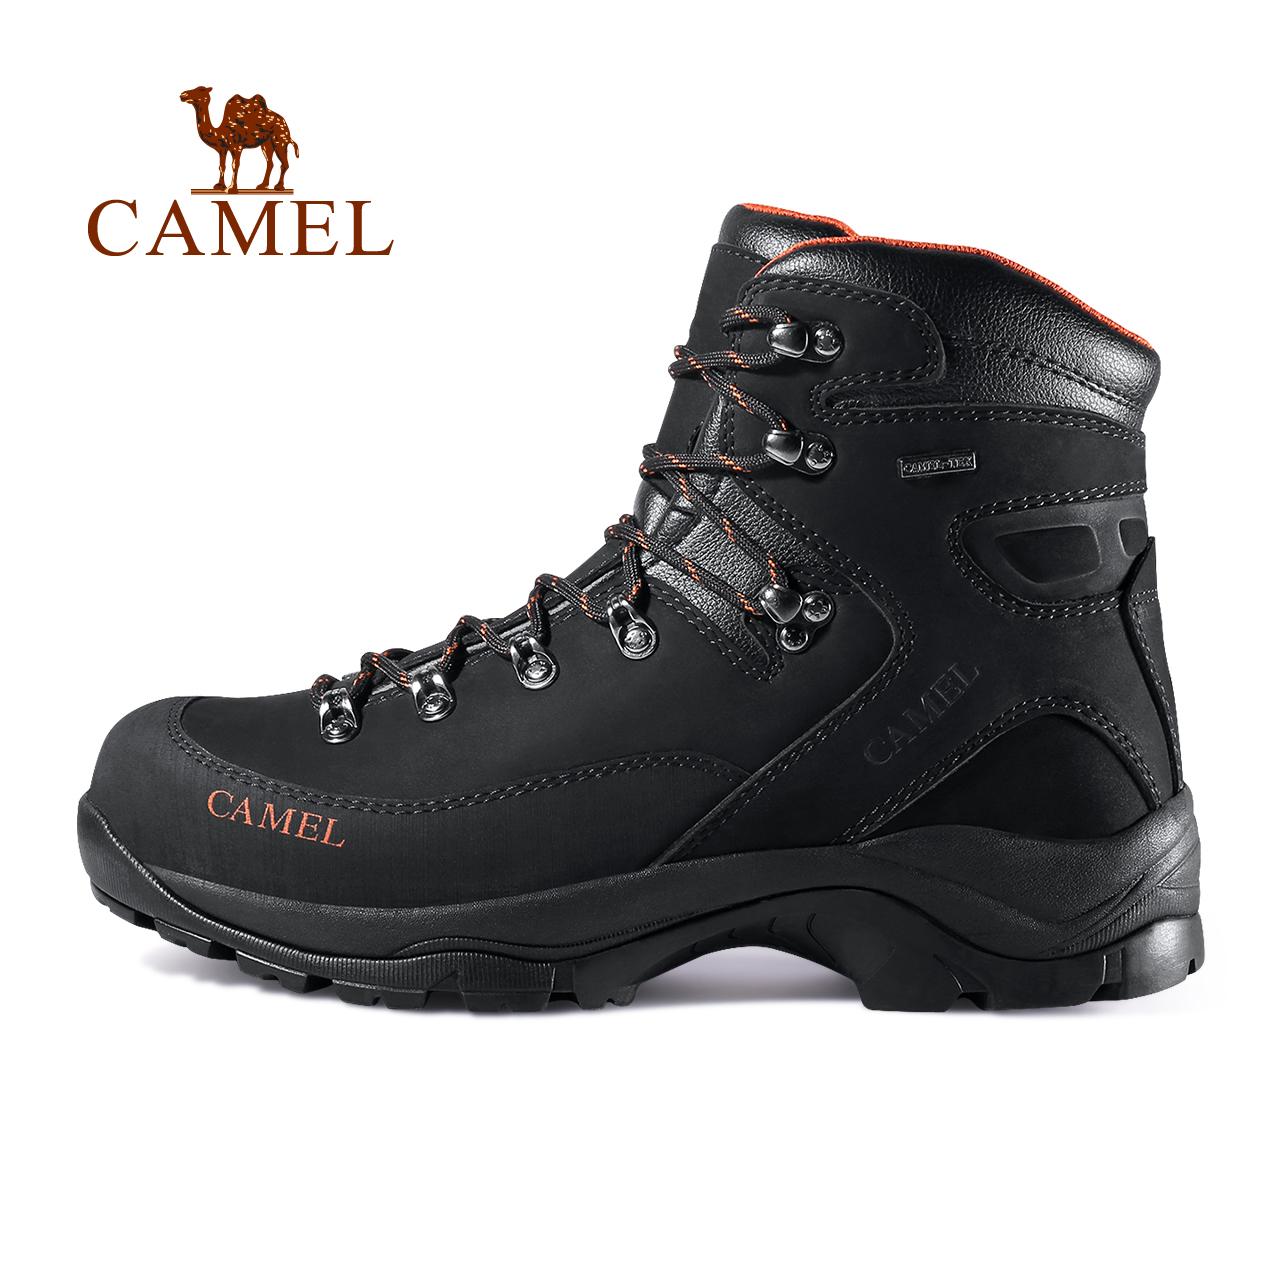 駱駝戶外登山鞋男防撞防水防滑減震耐磨戶外鞋牛皮高幫系帶登山靴